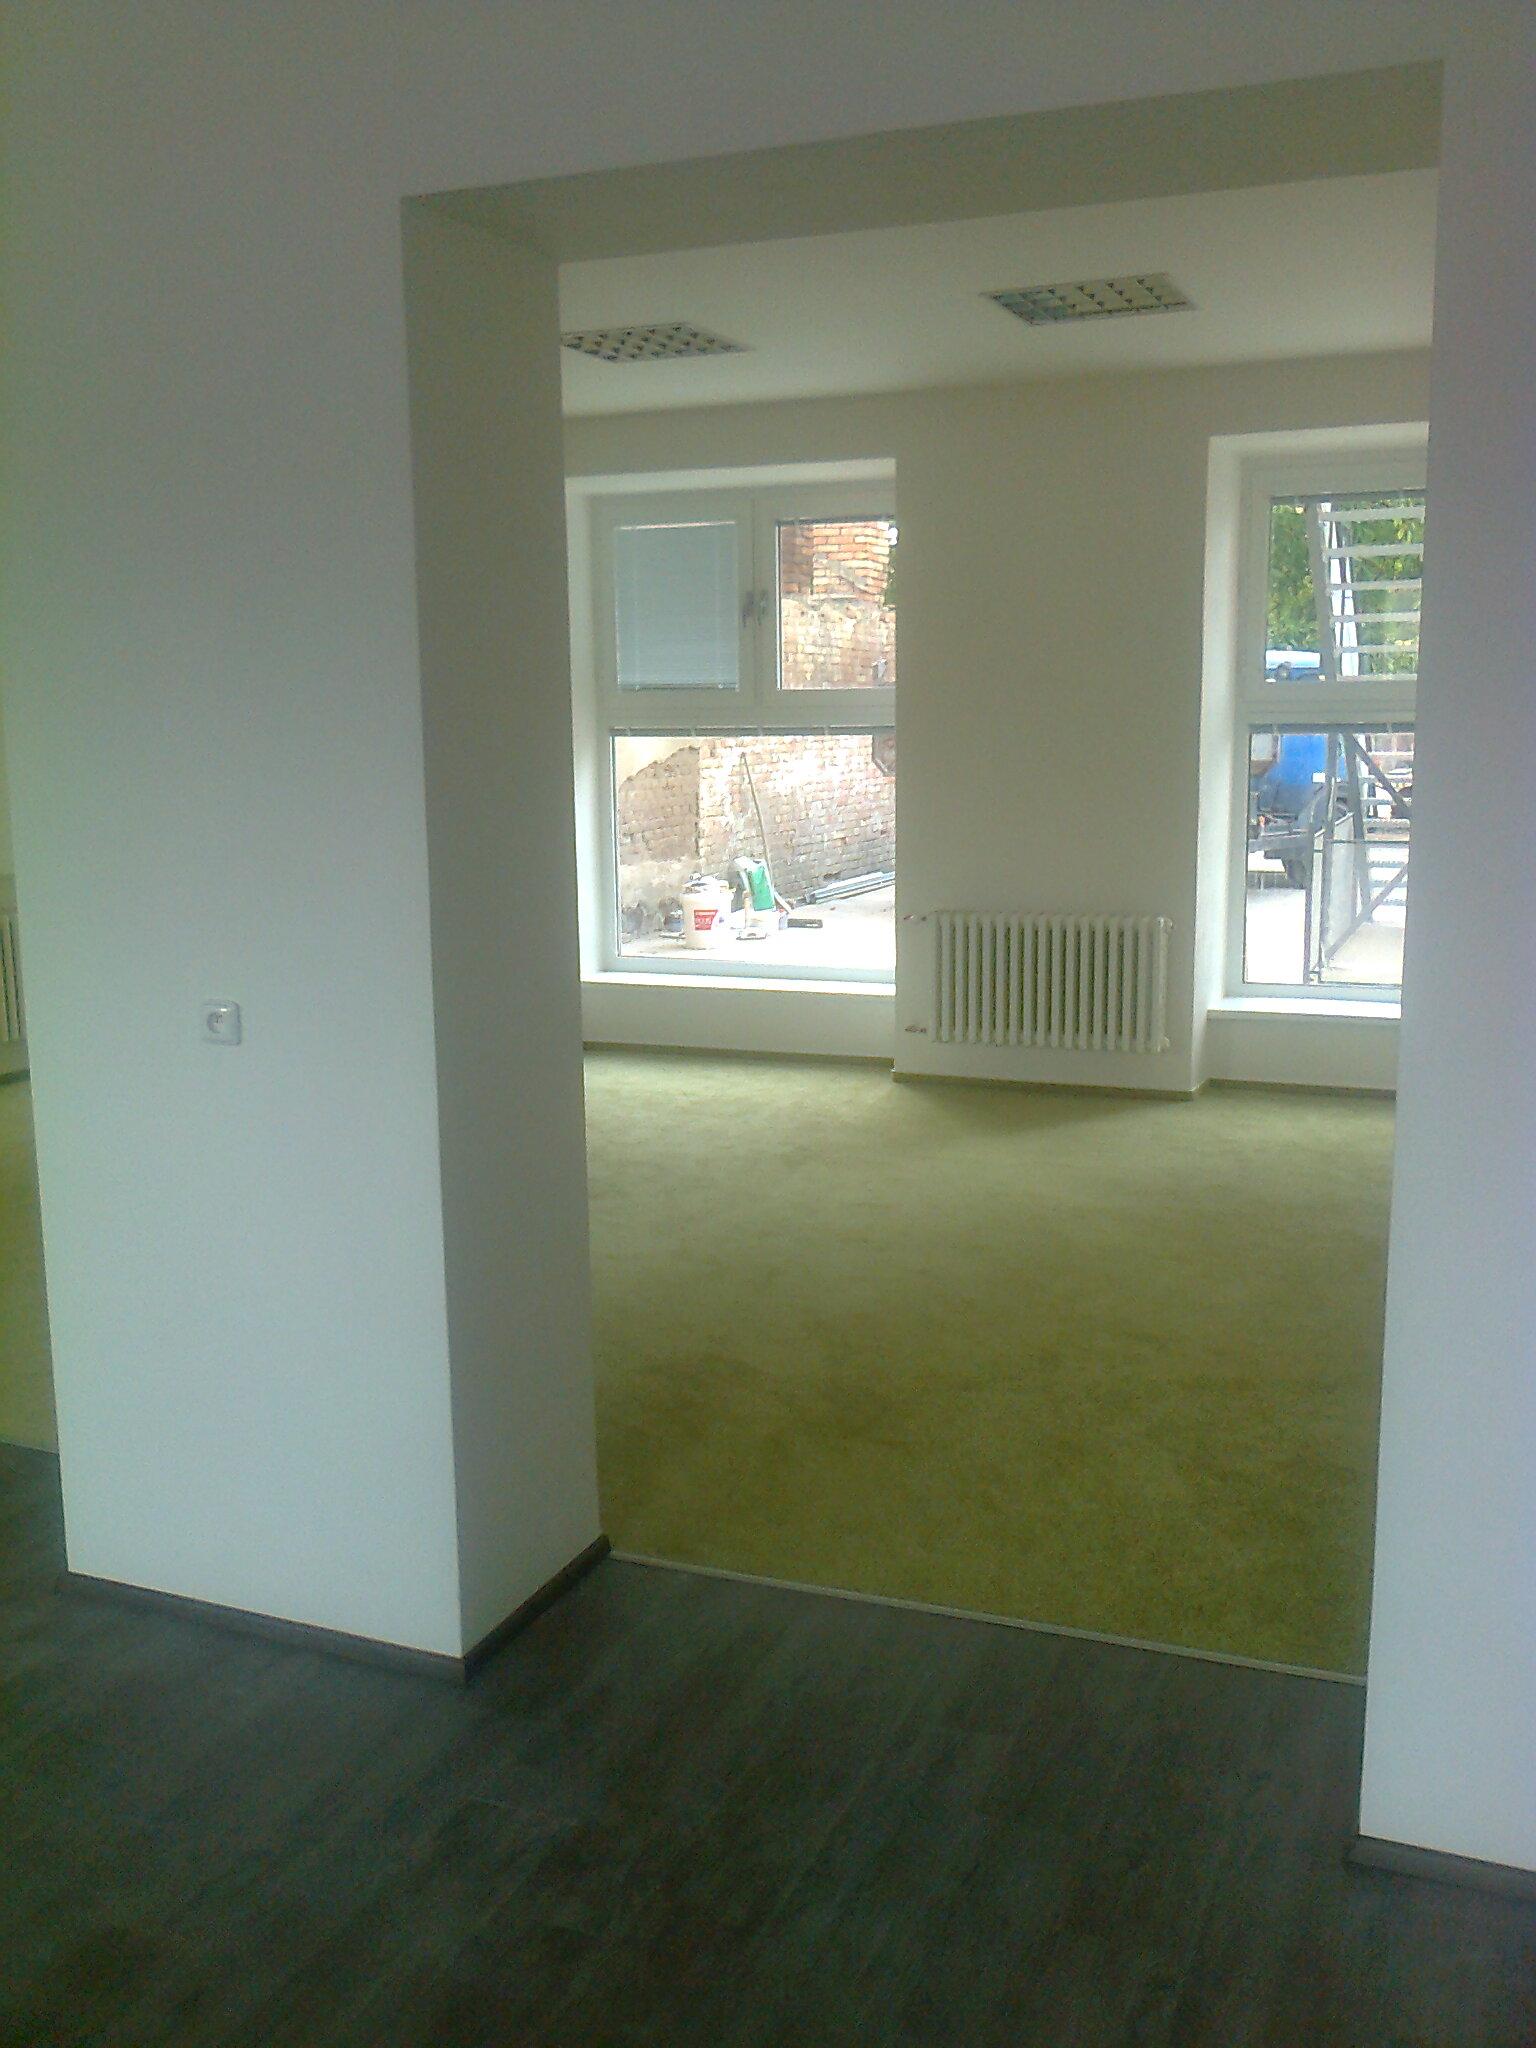 Obec_Němčany_-_stavební_úpravy_mateřské_školy